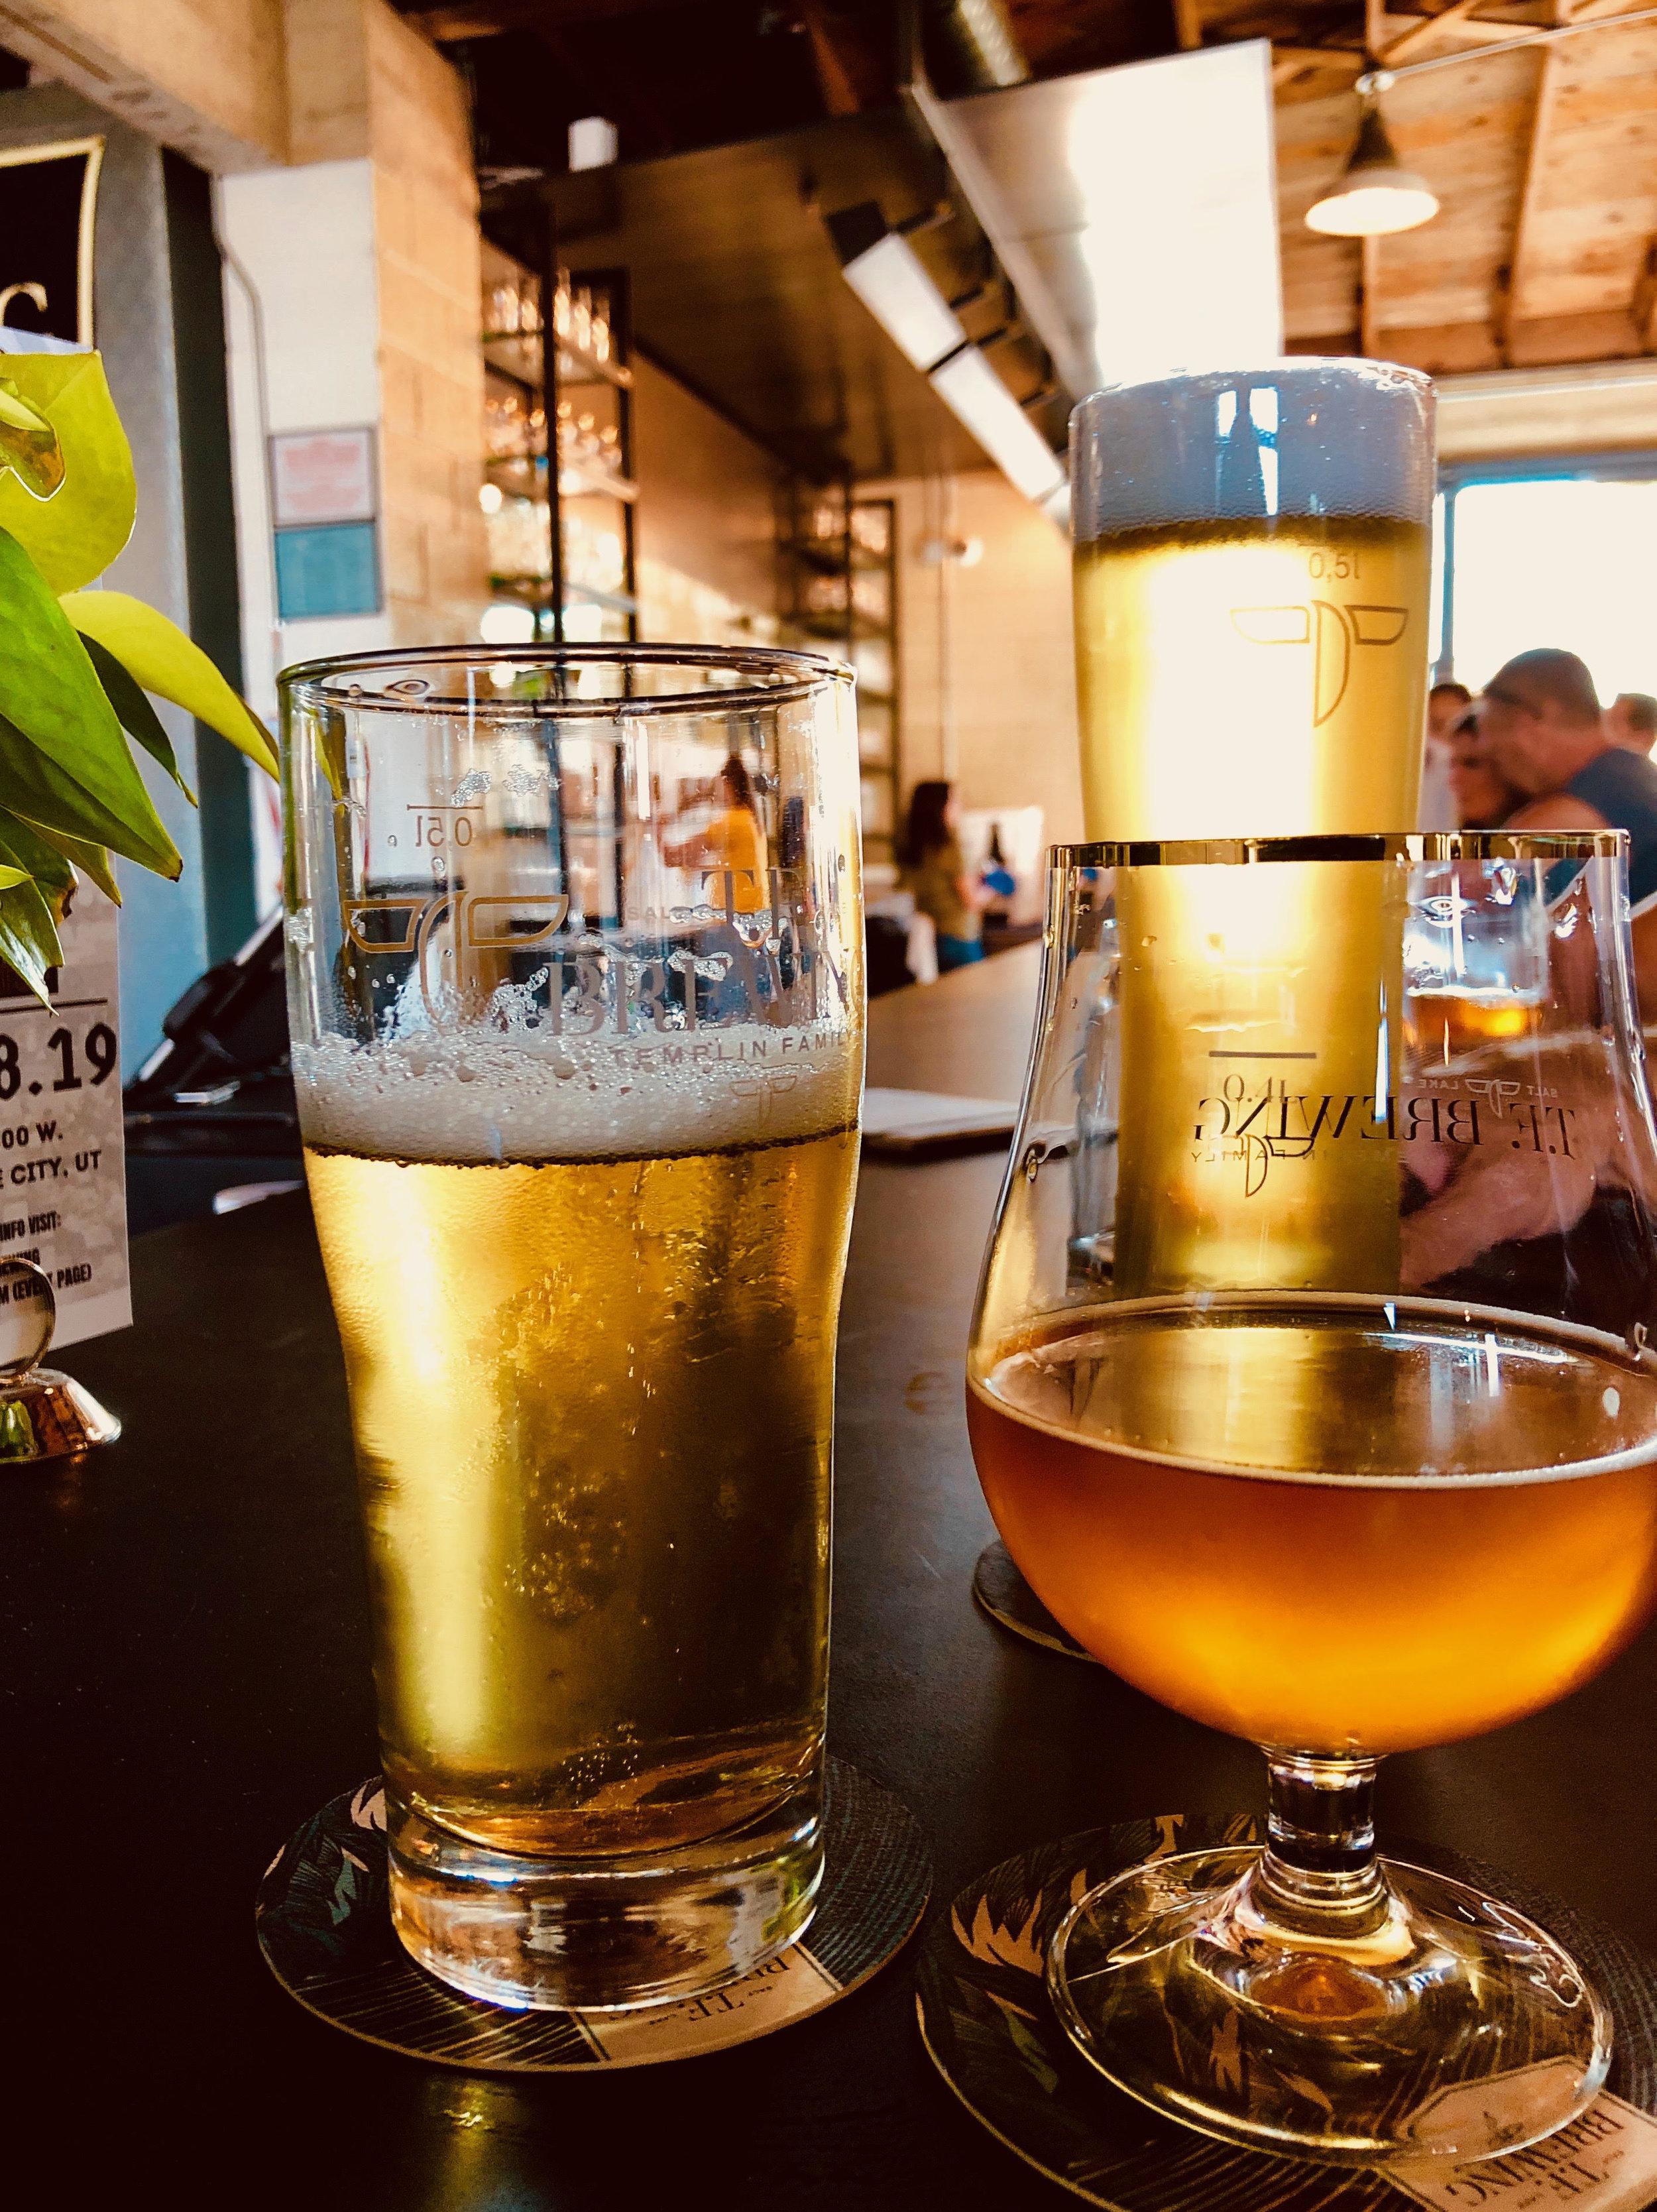 biers-.jpg